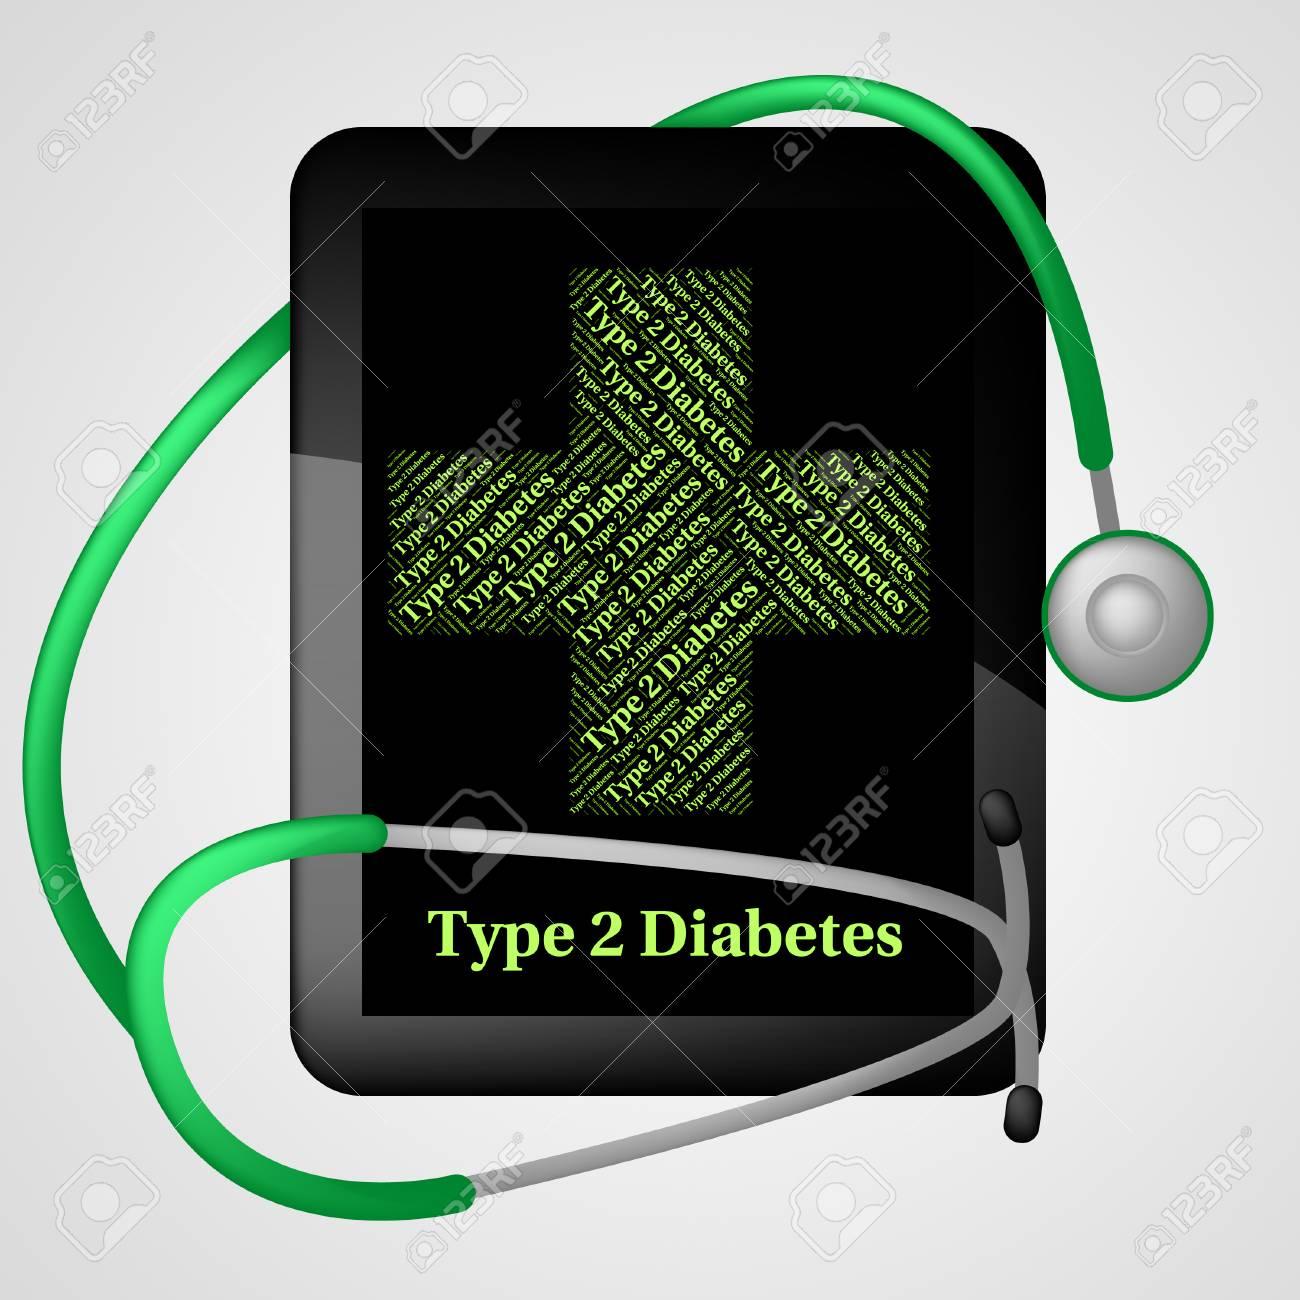 enfermedad o trastorno de diabetes